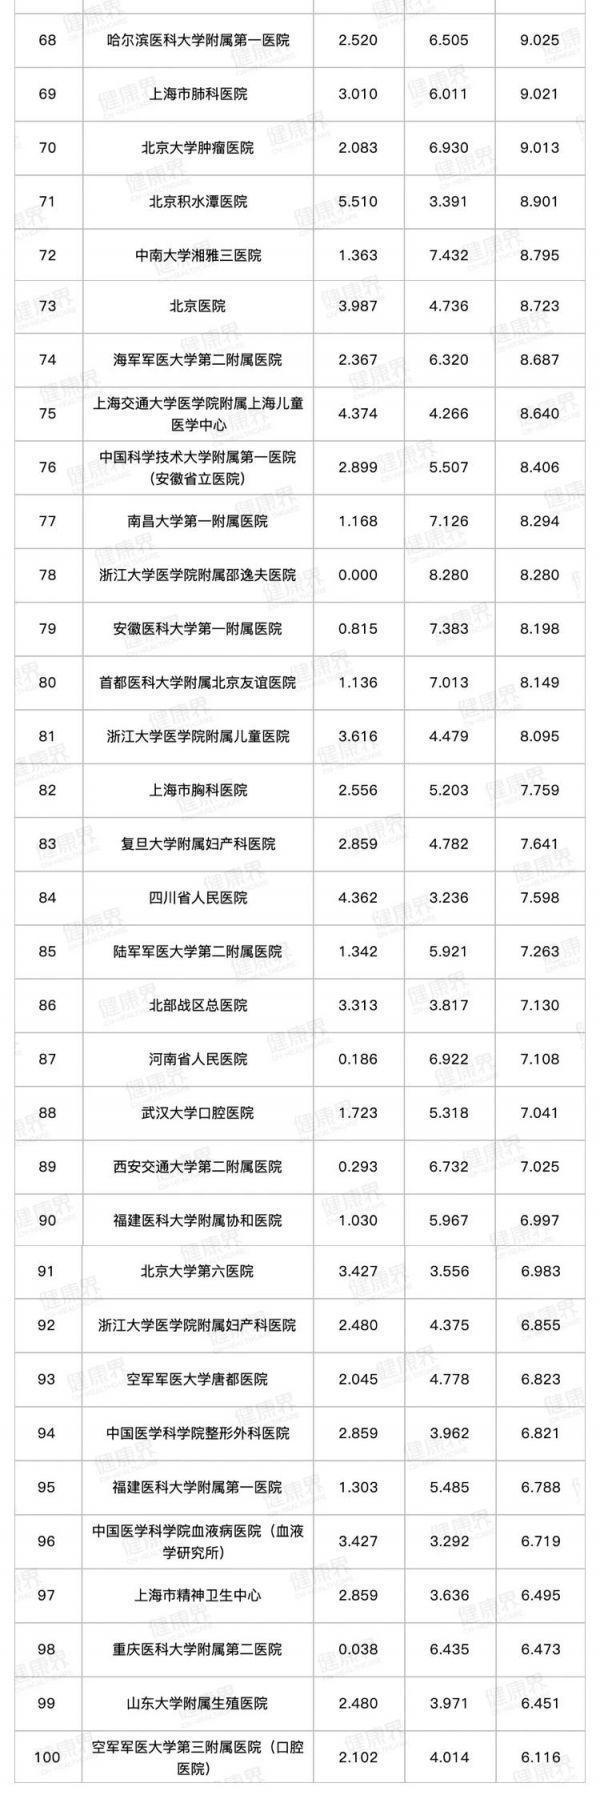 武汉五家医院跻身百强,发布2019年全国医院排名。 第3张